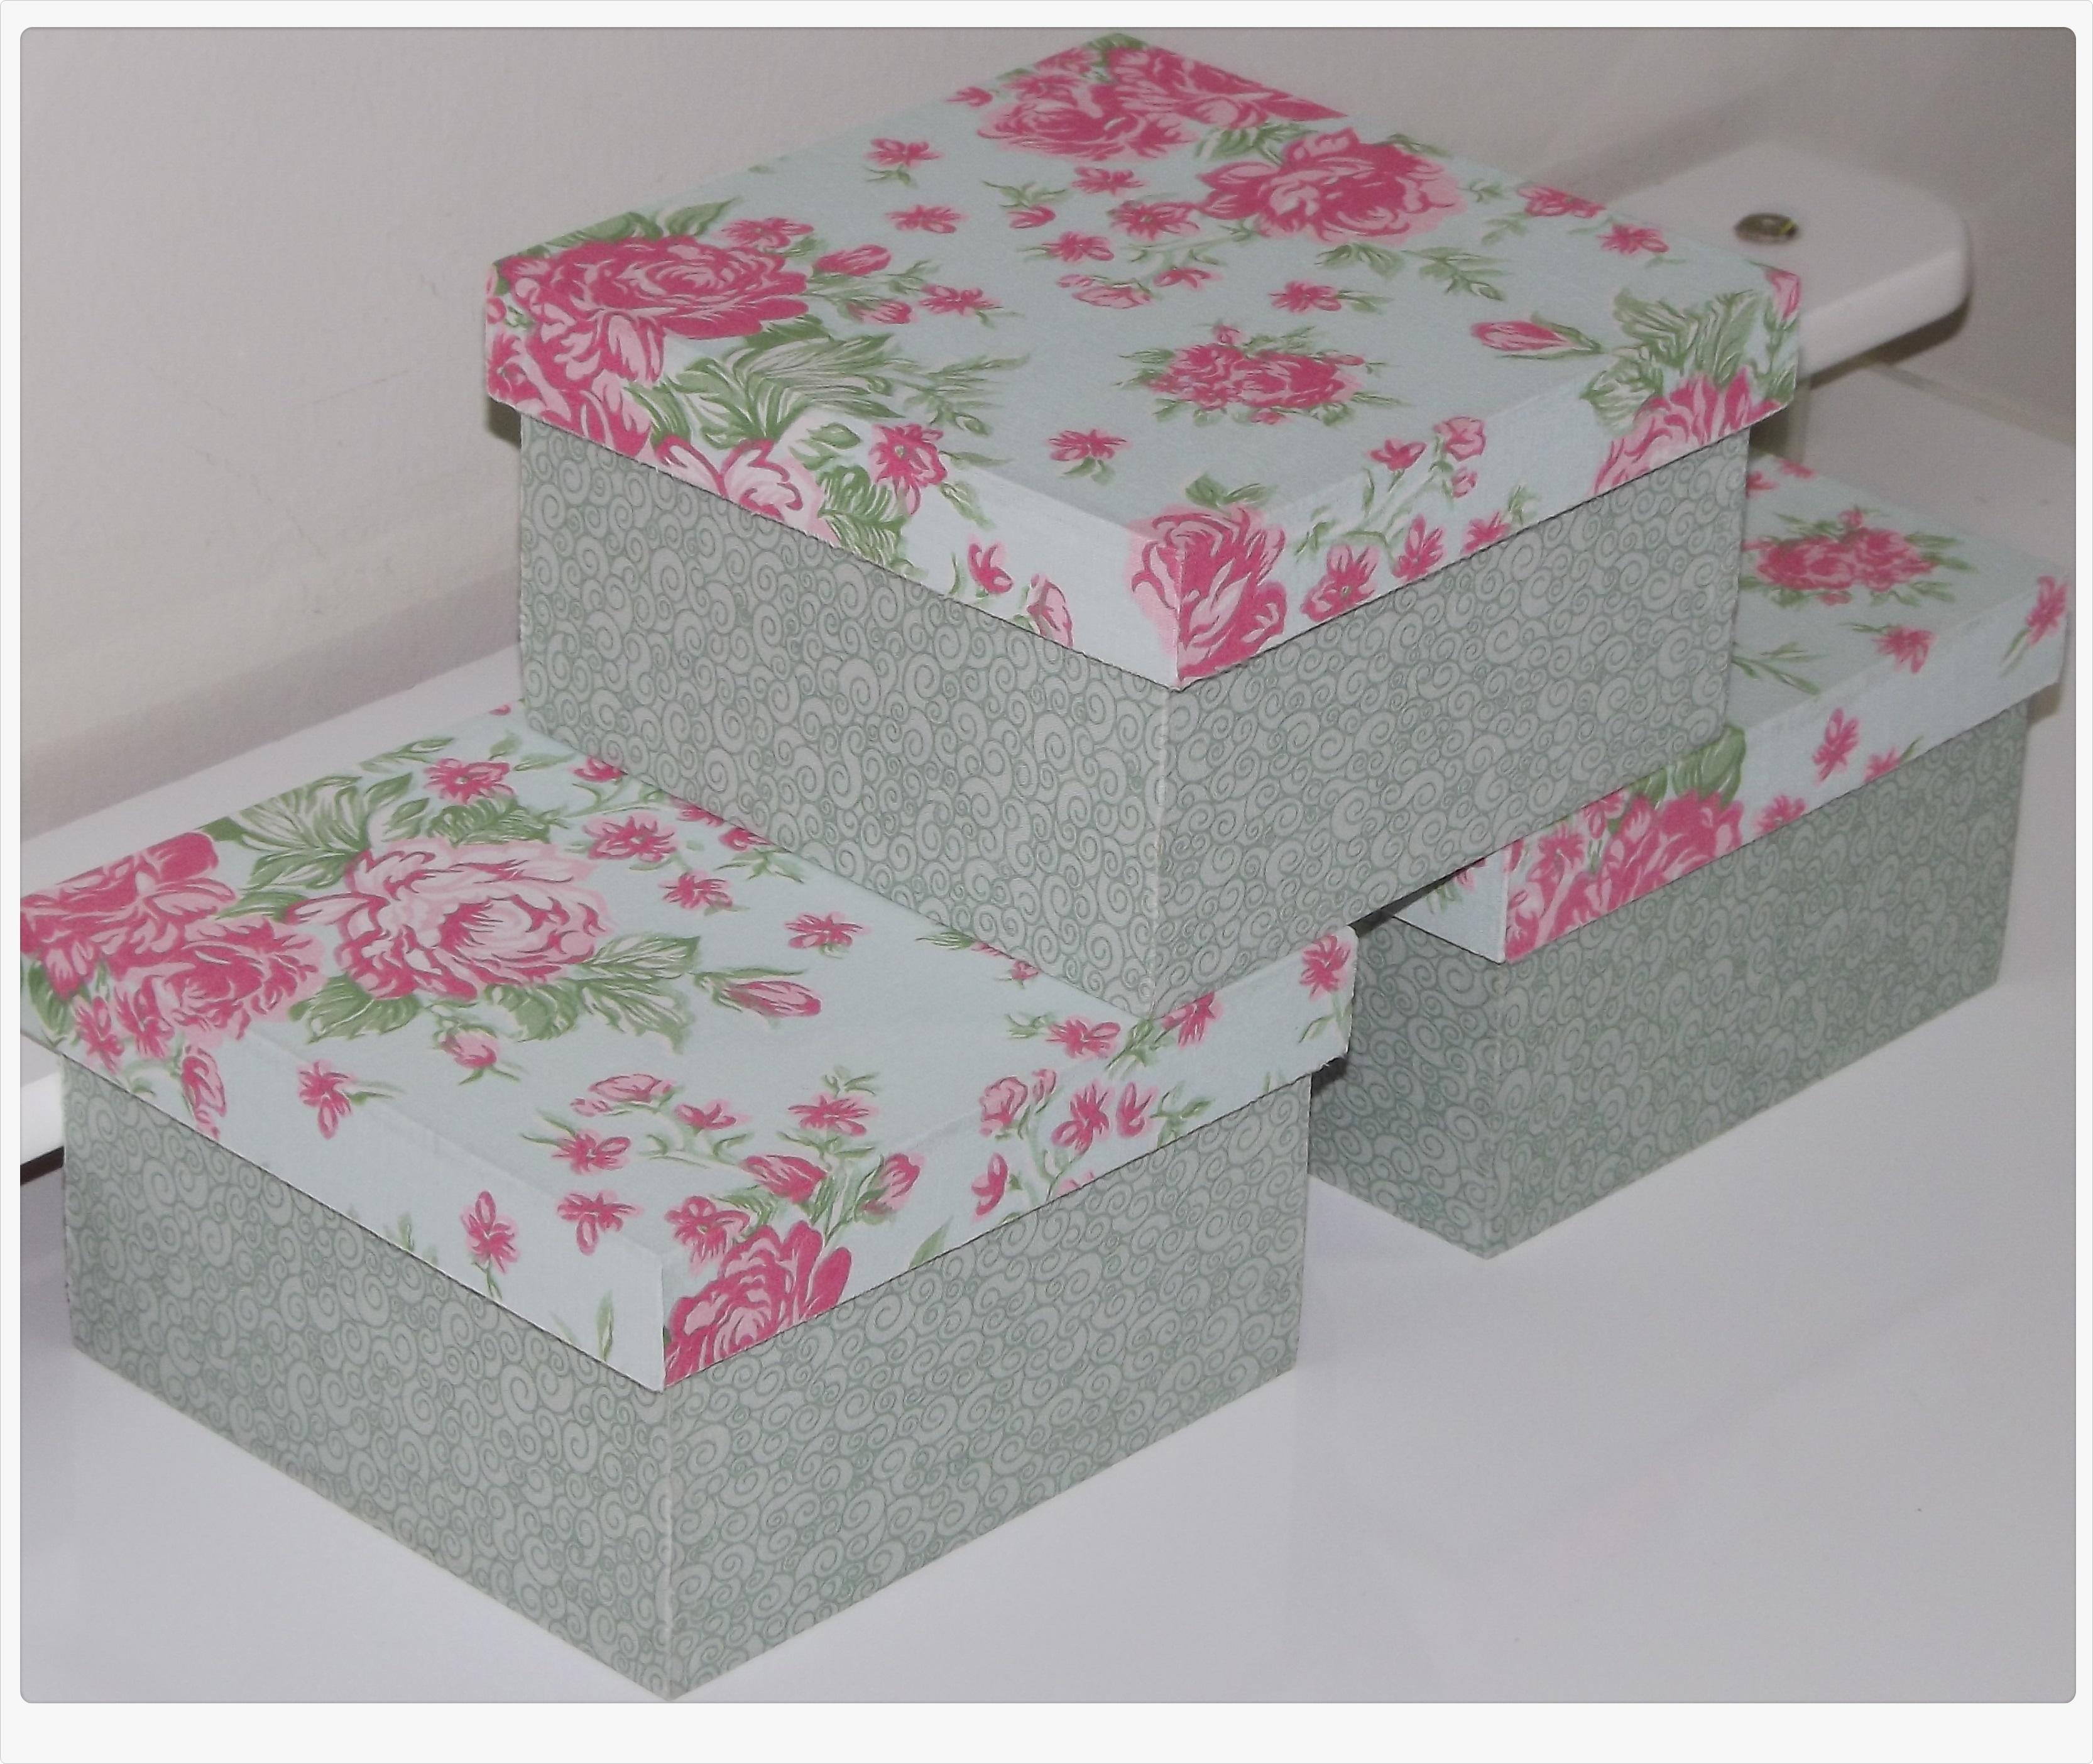 caixas em mdf forradas com tecido caixas mdf #8D3E59 3331x2807